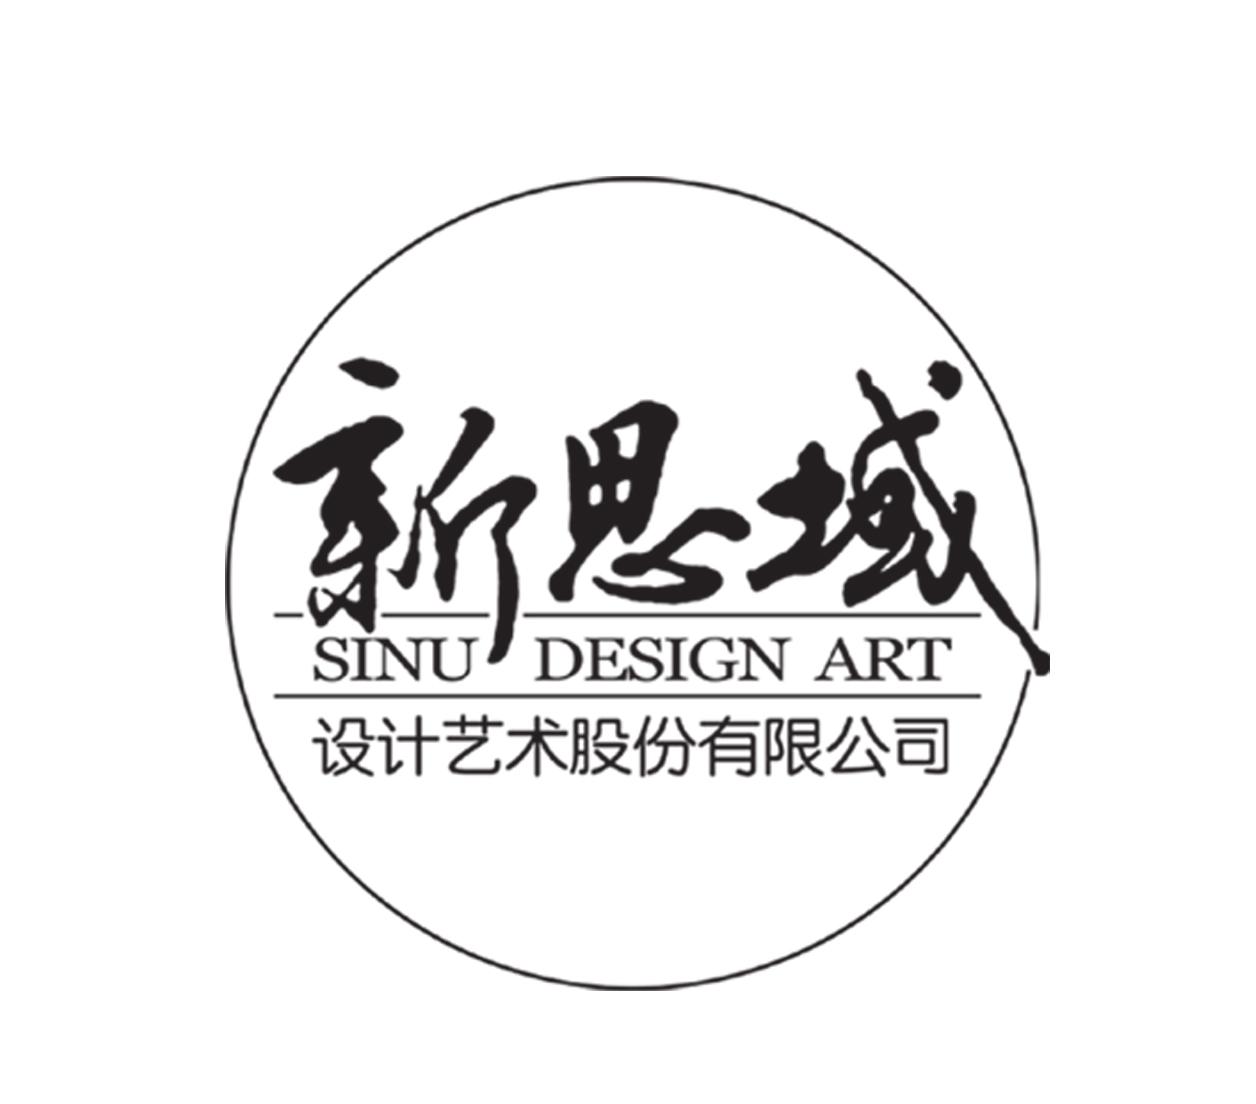 山东新思域设计艺术股份有限公司logo